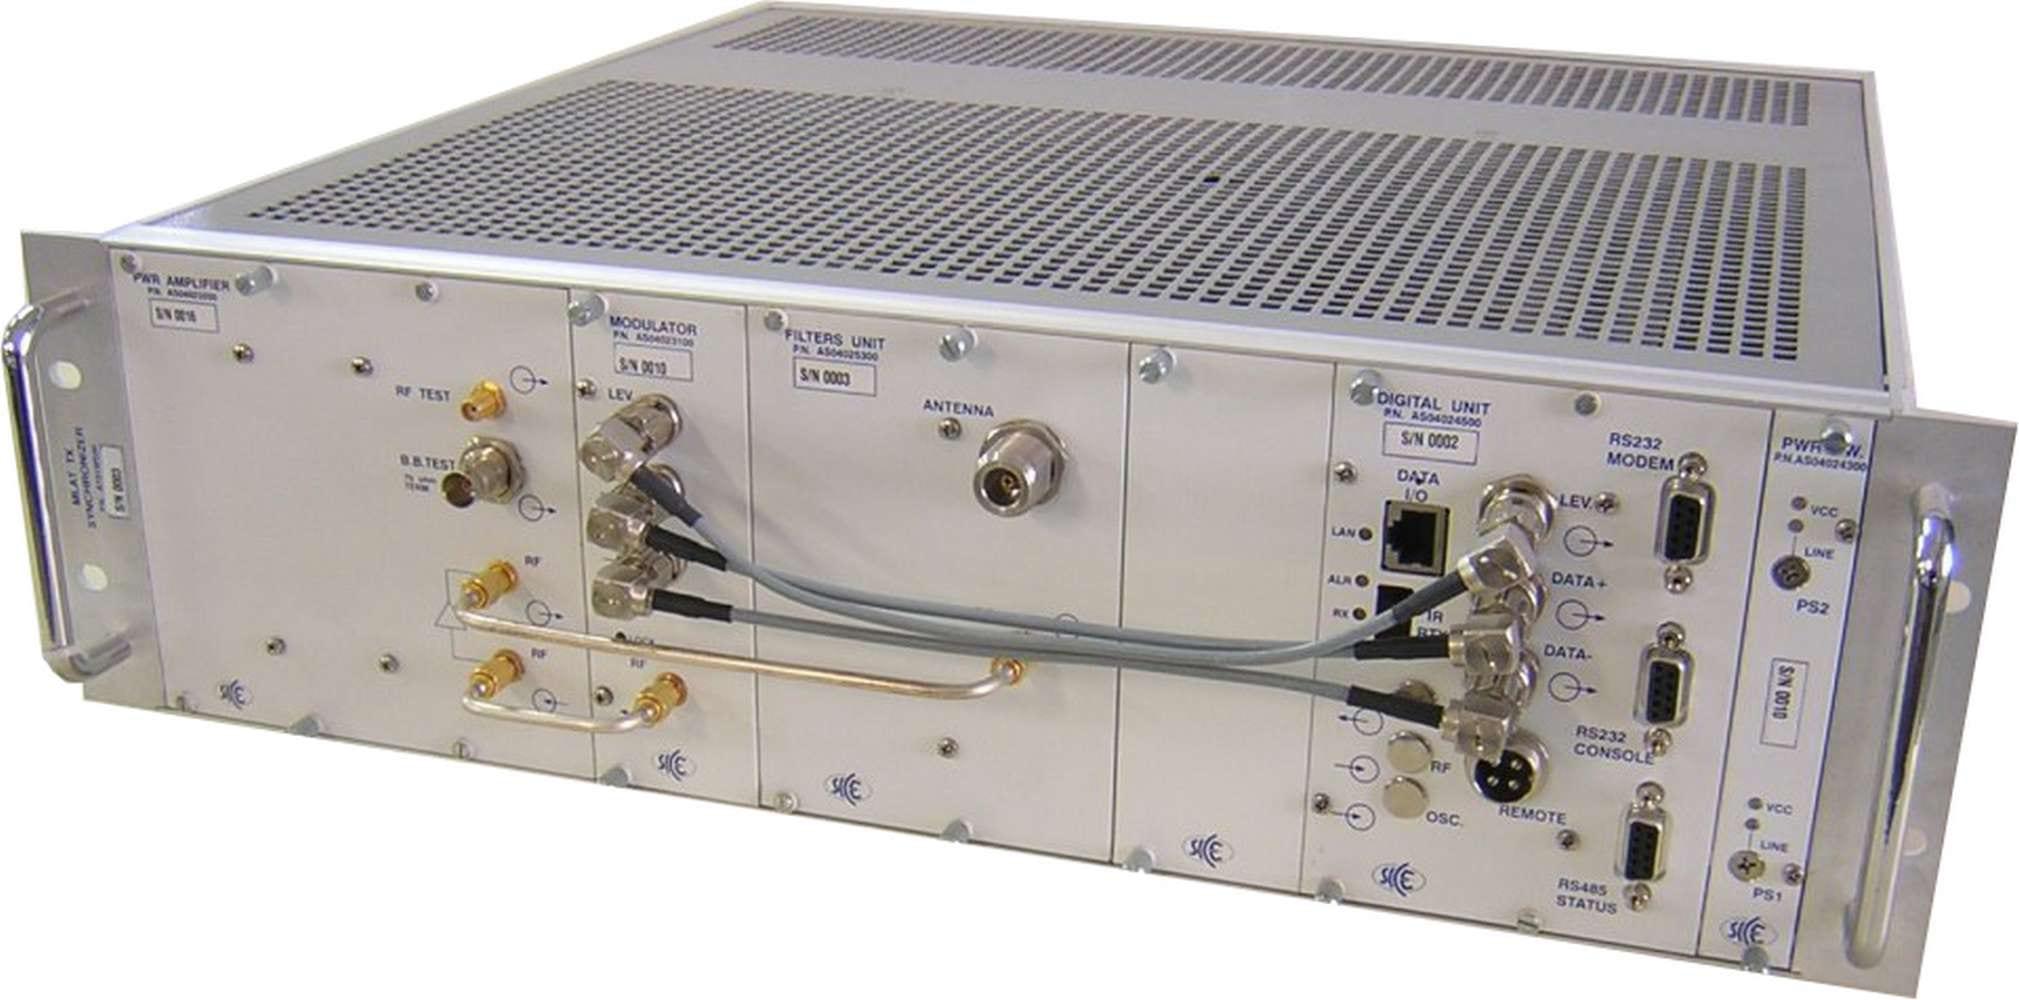 ADS-B SystemsSistemi ADS-B per controllo del traffico aereo